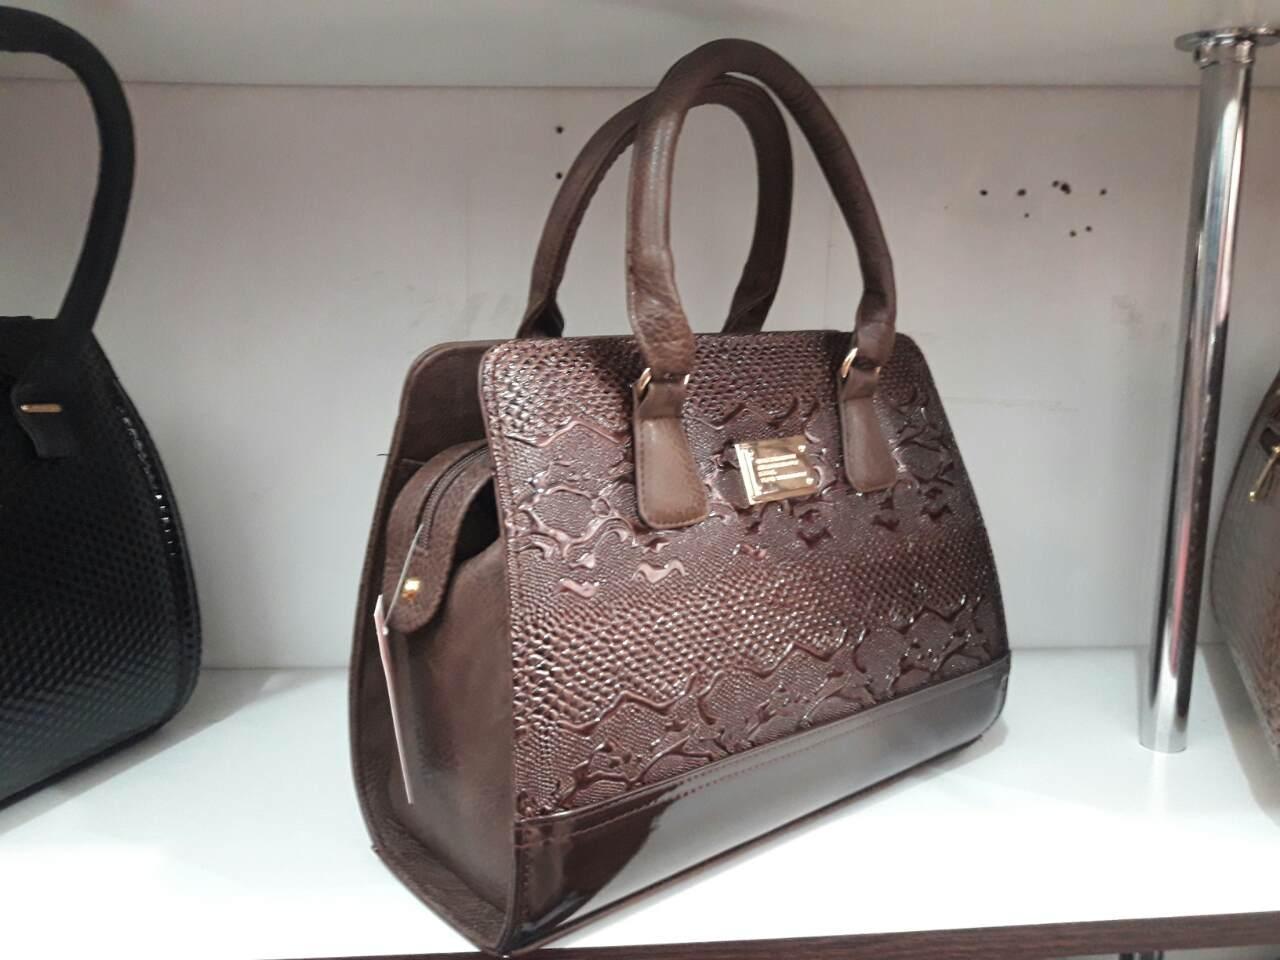 94ba66f806e2 Женская сумка коричневого цвета — купить недорого в Харькове в ...